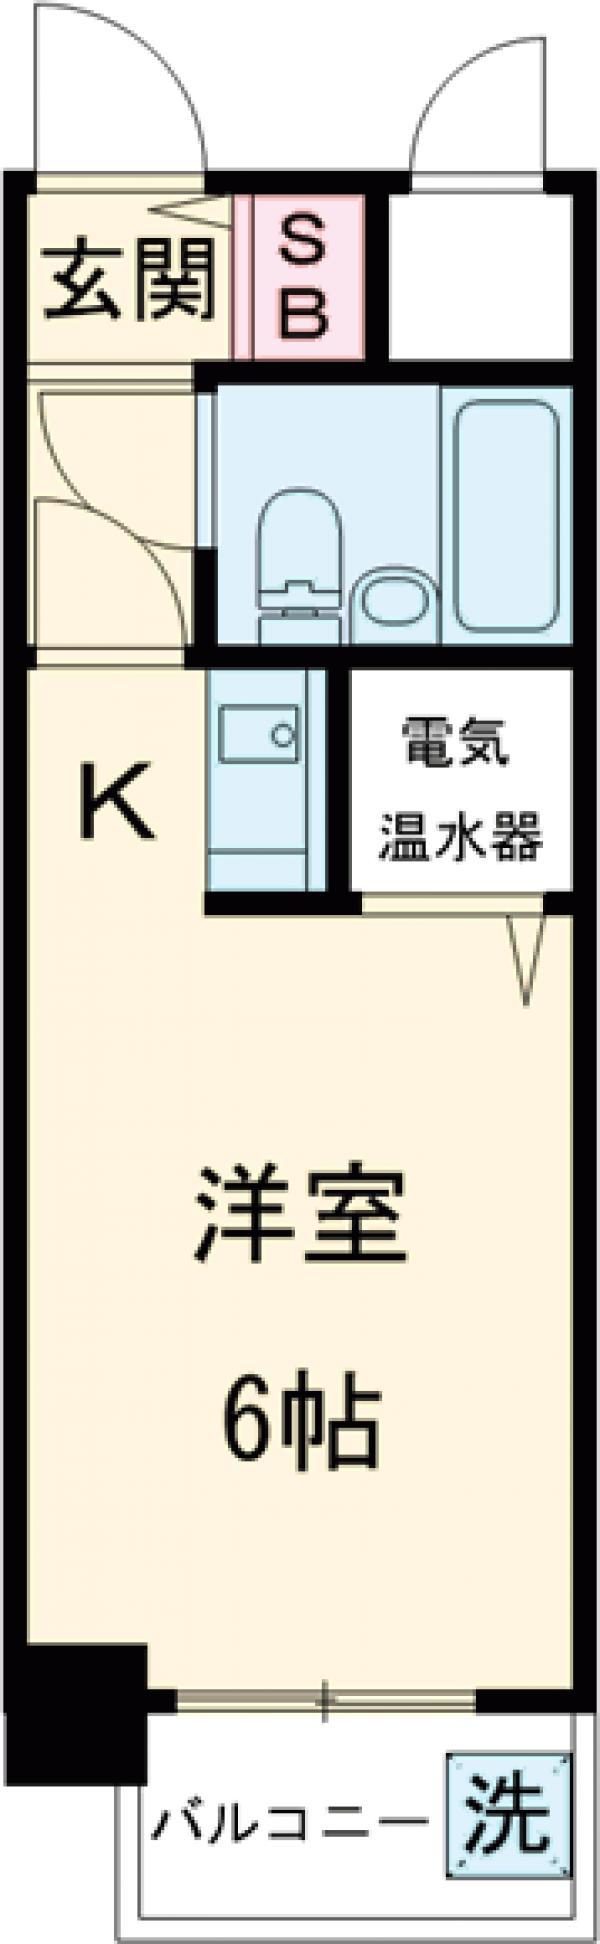 ライオンズマンション聖蹟桜ヶ丘第3 101号室の間取り